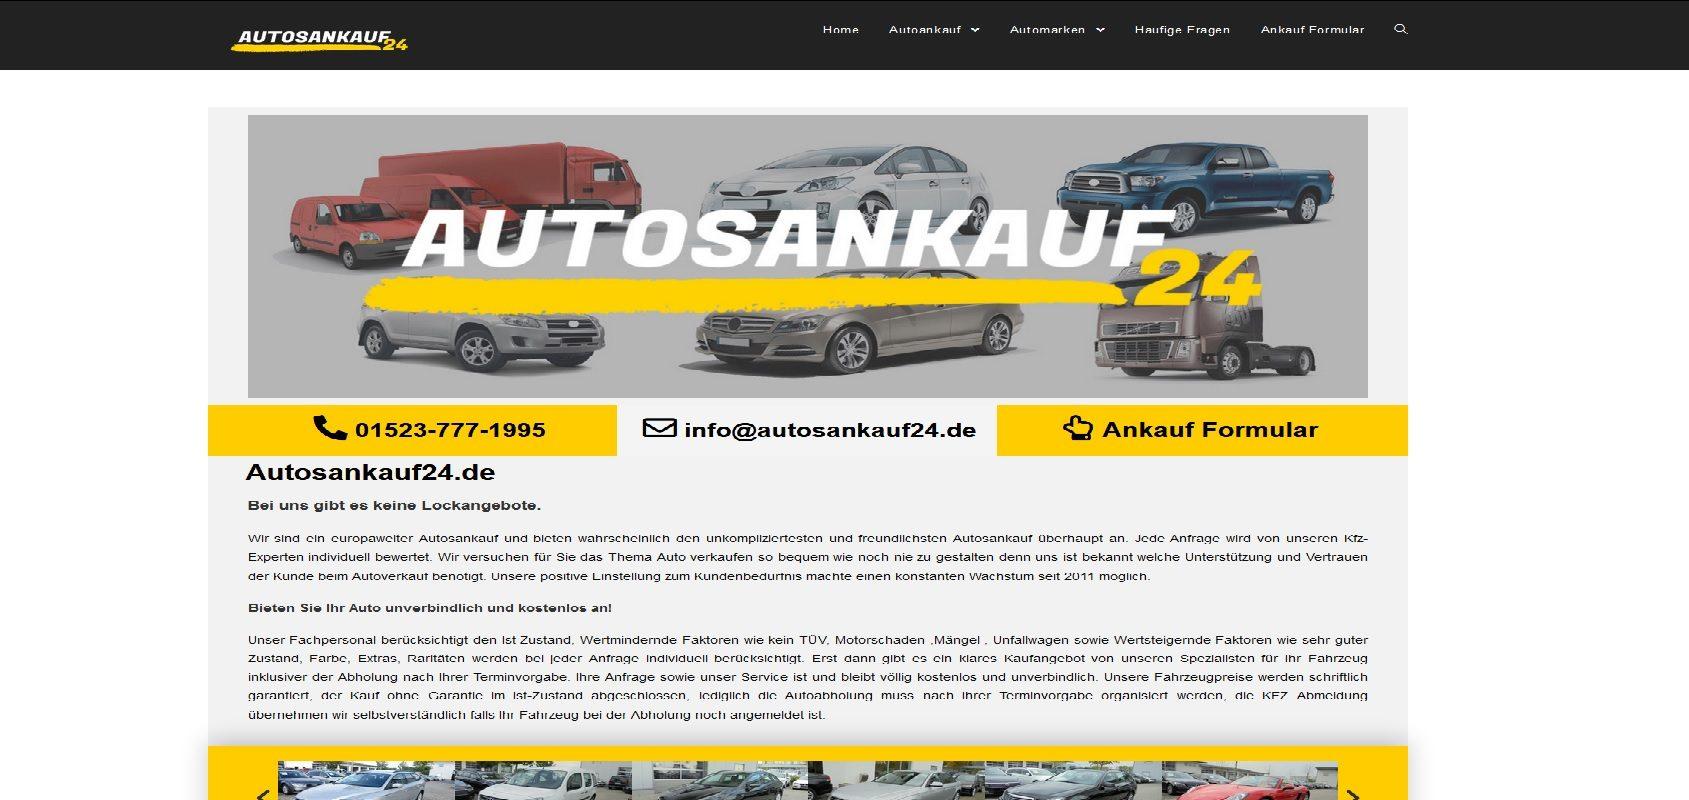 autosankauf24.de Autoankauf Unfallfahrzeug Ankauf